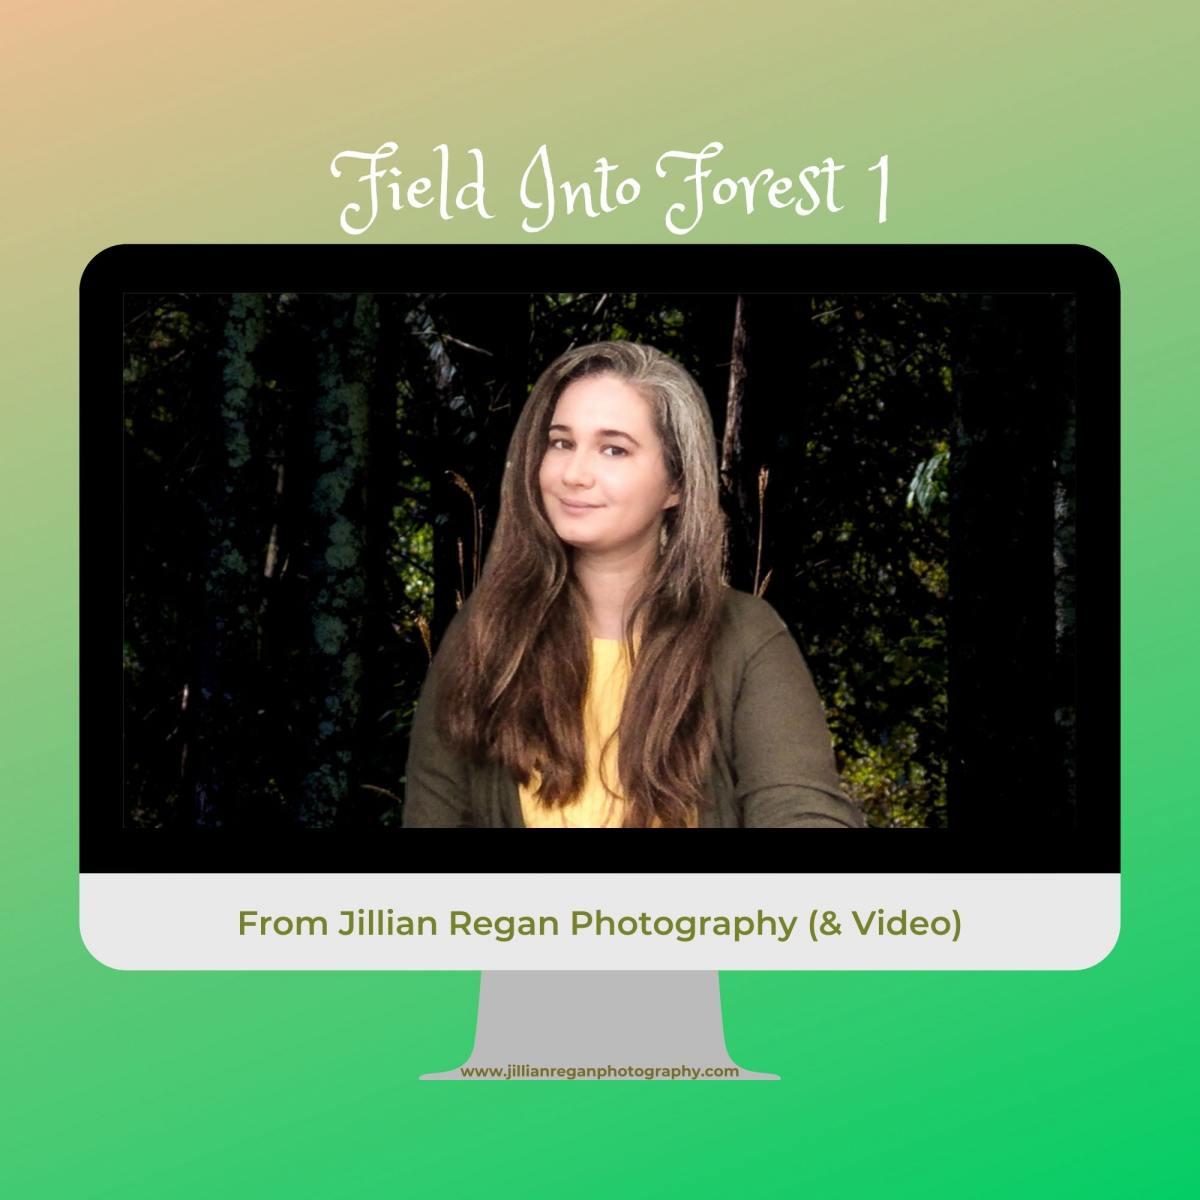 FieldIntoForest1